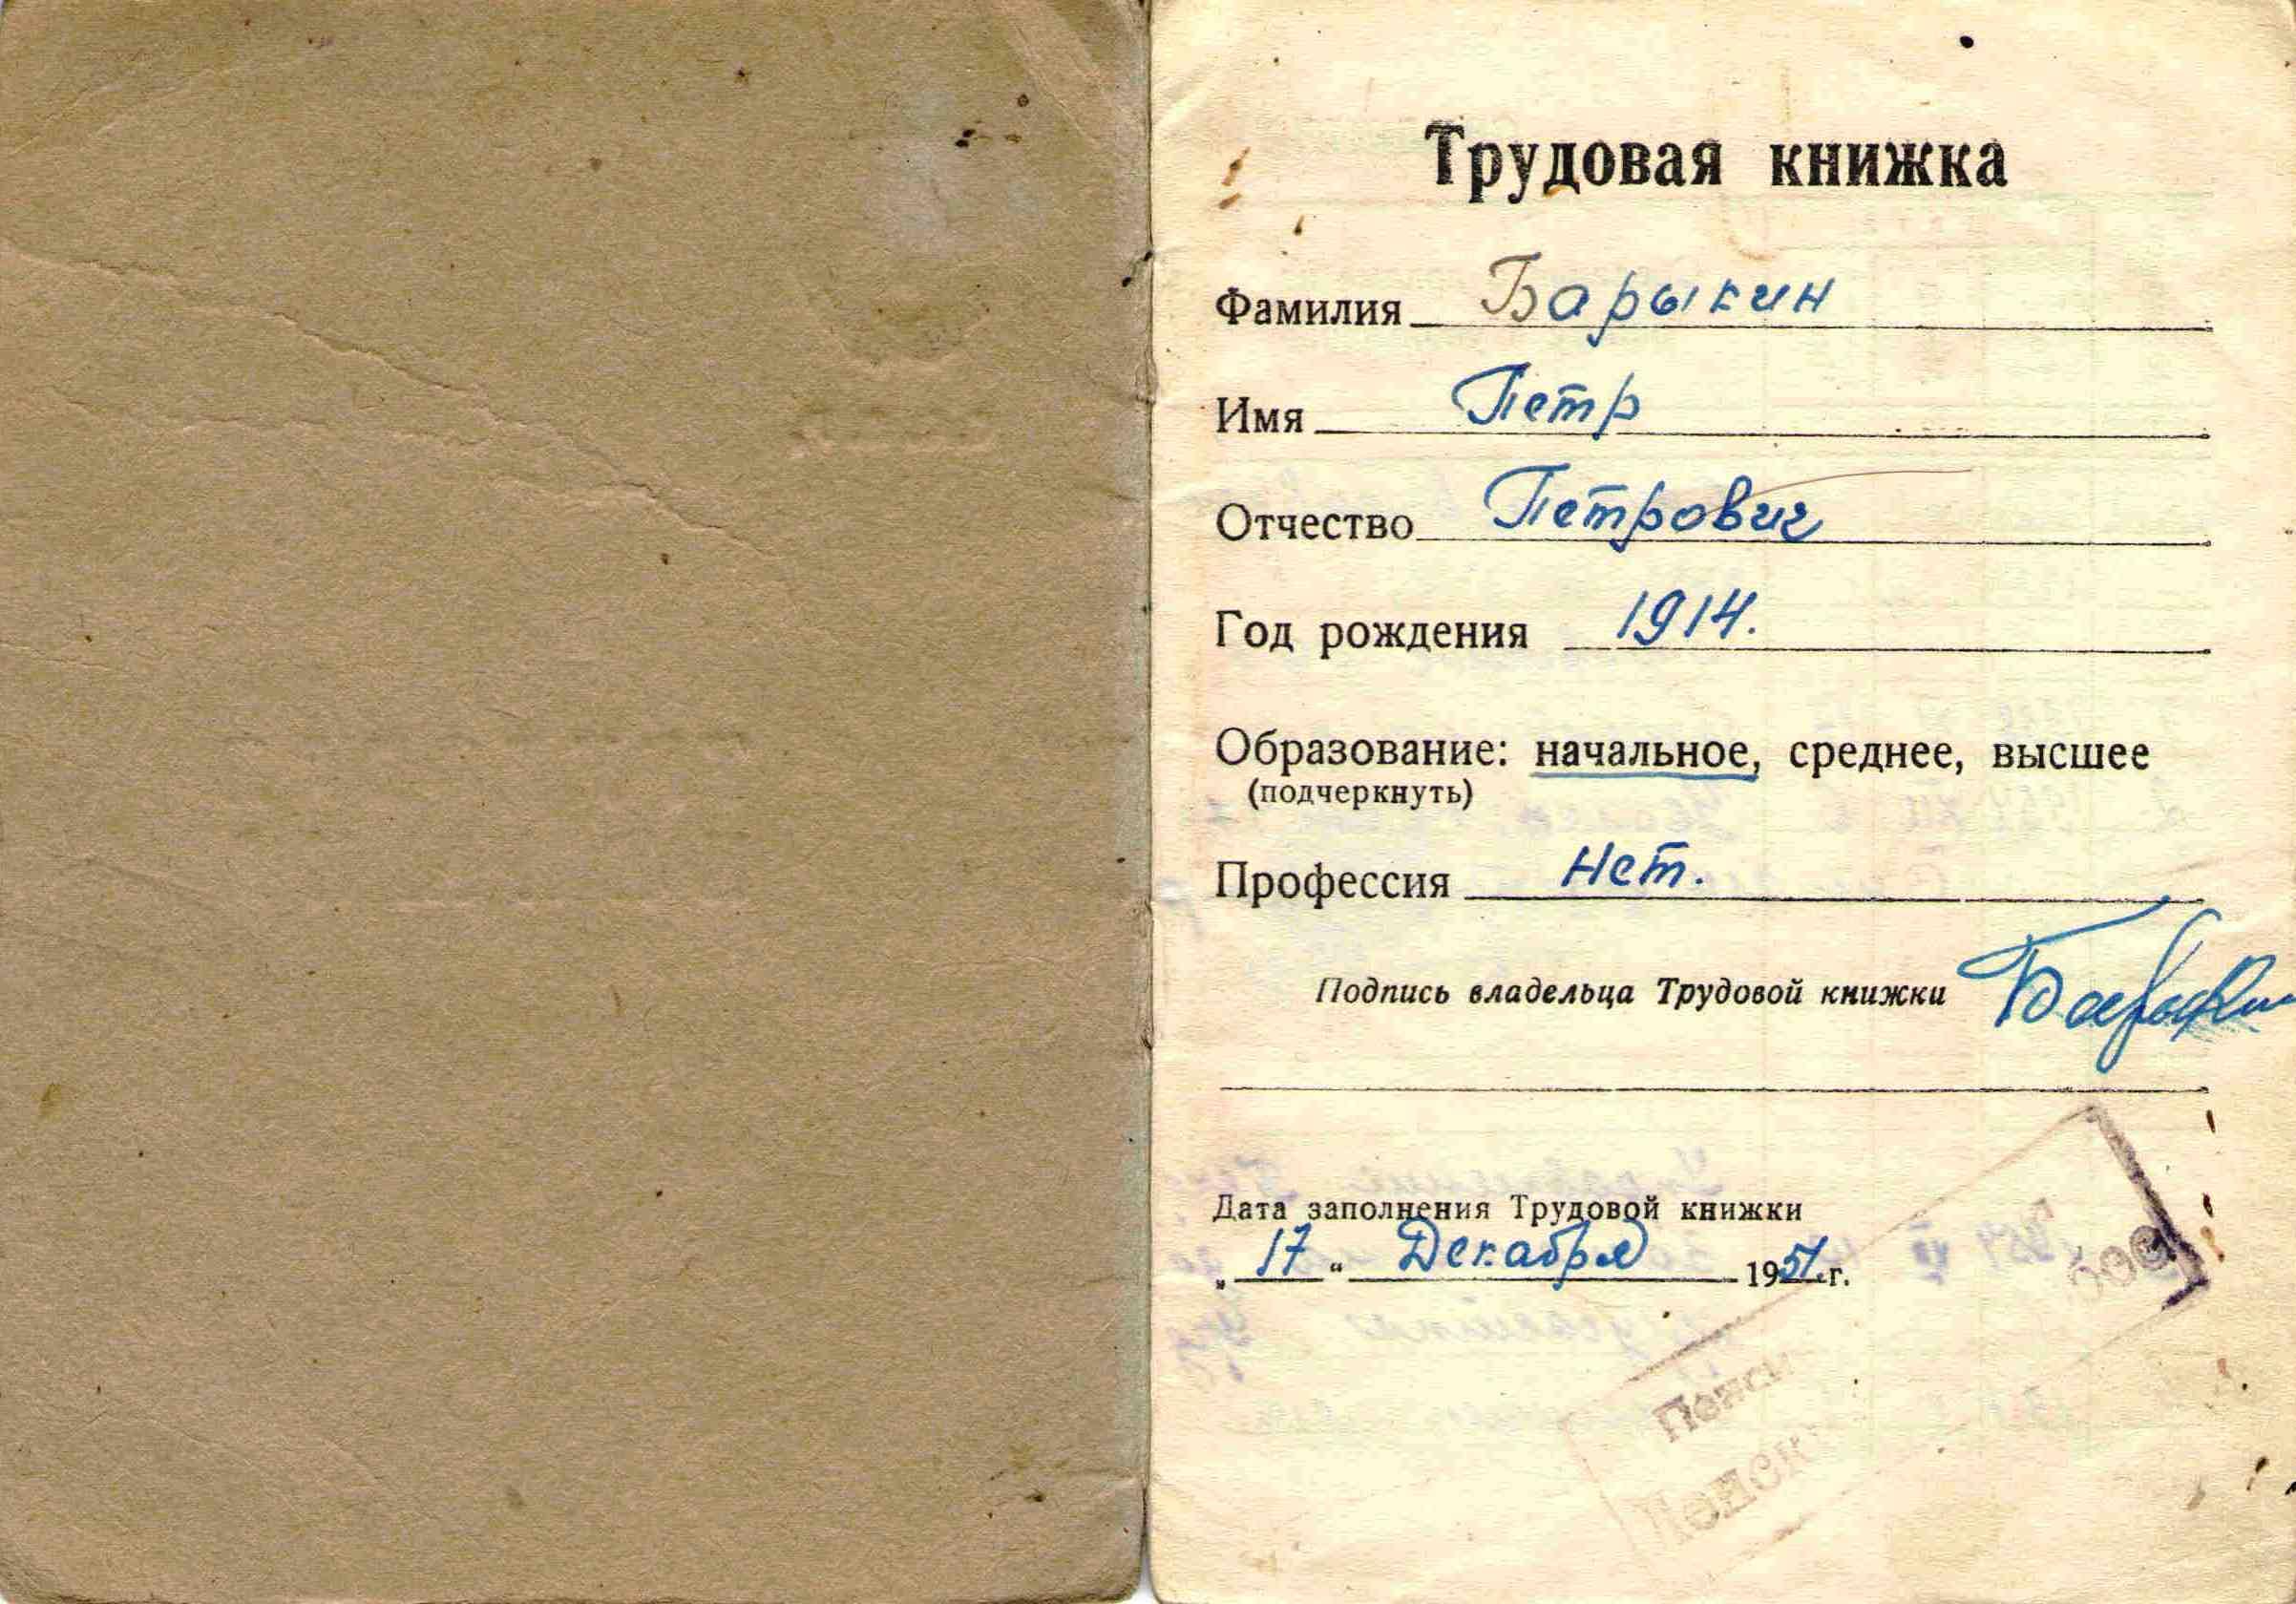 28. Трудовая книжка Барыкина ПП, 1951.